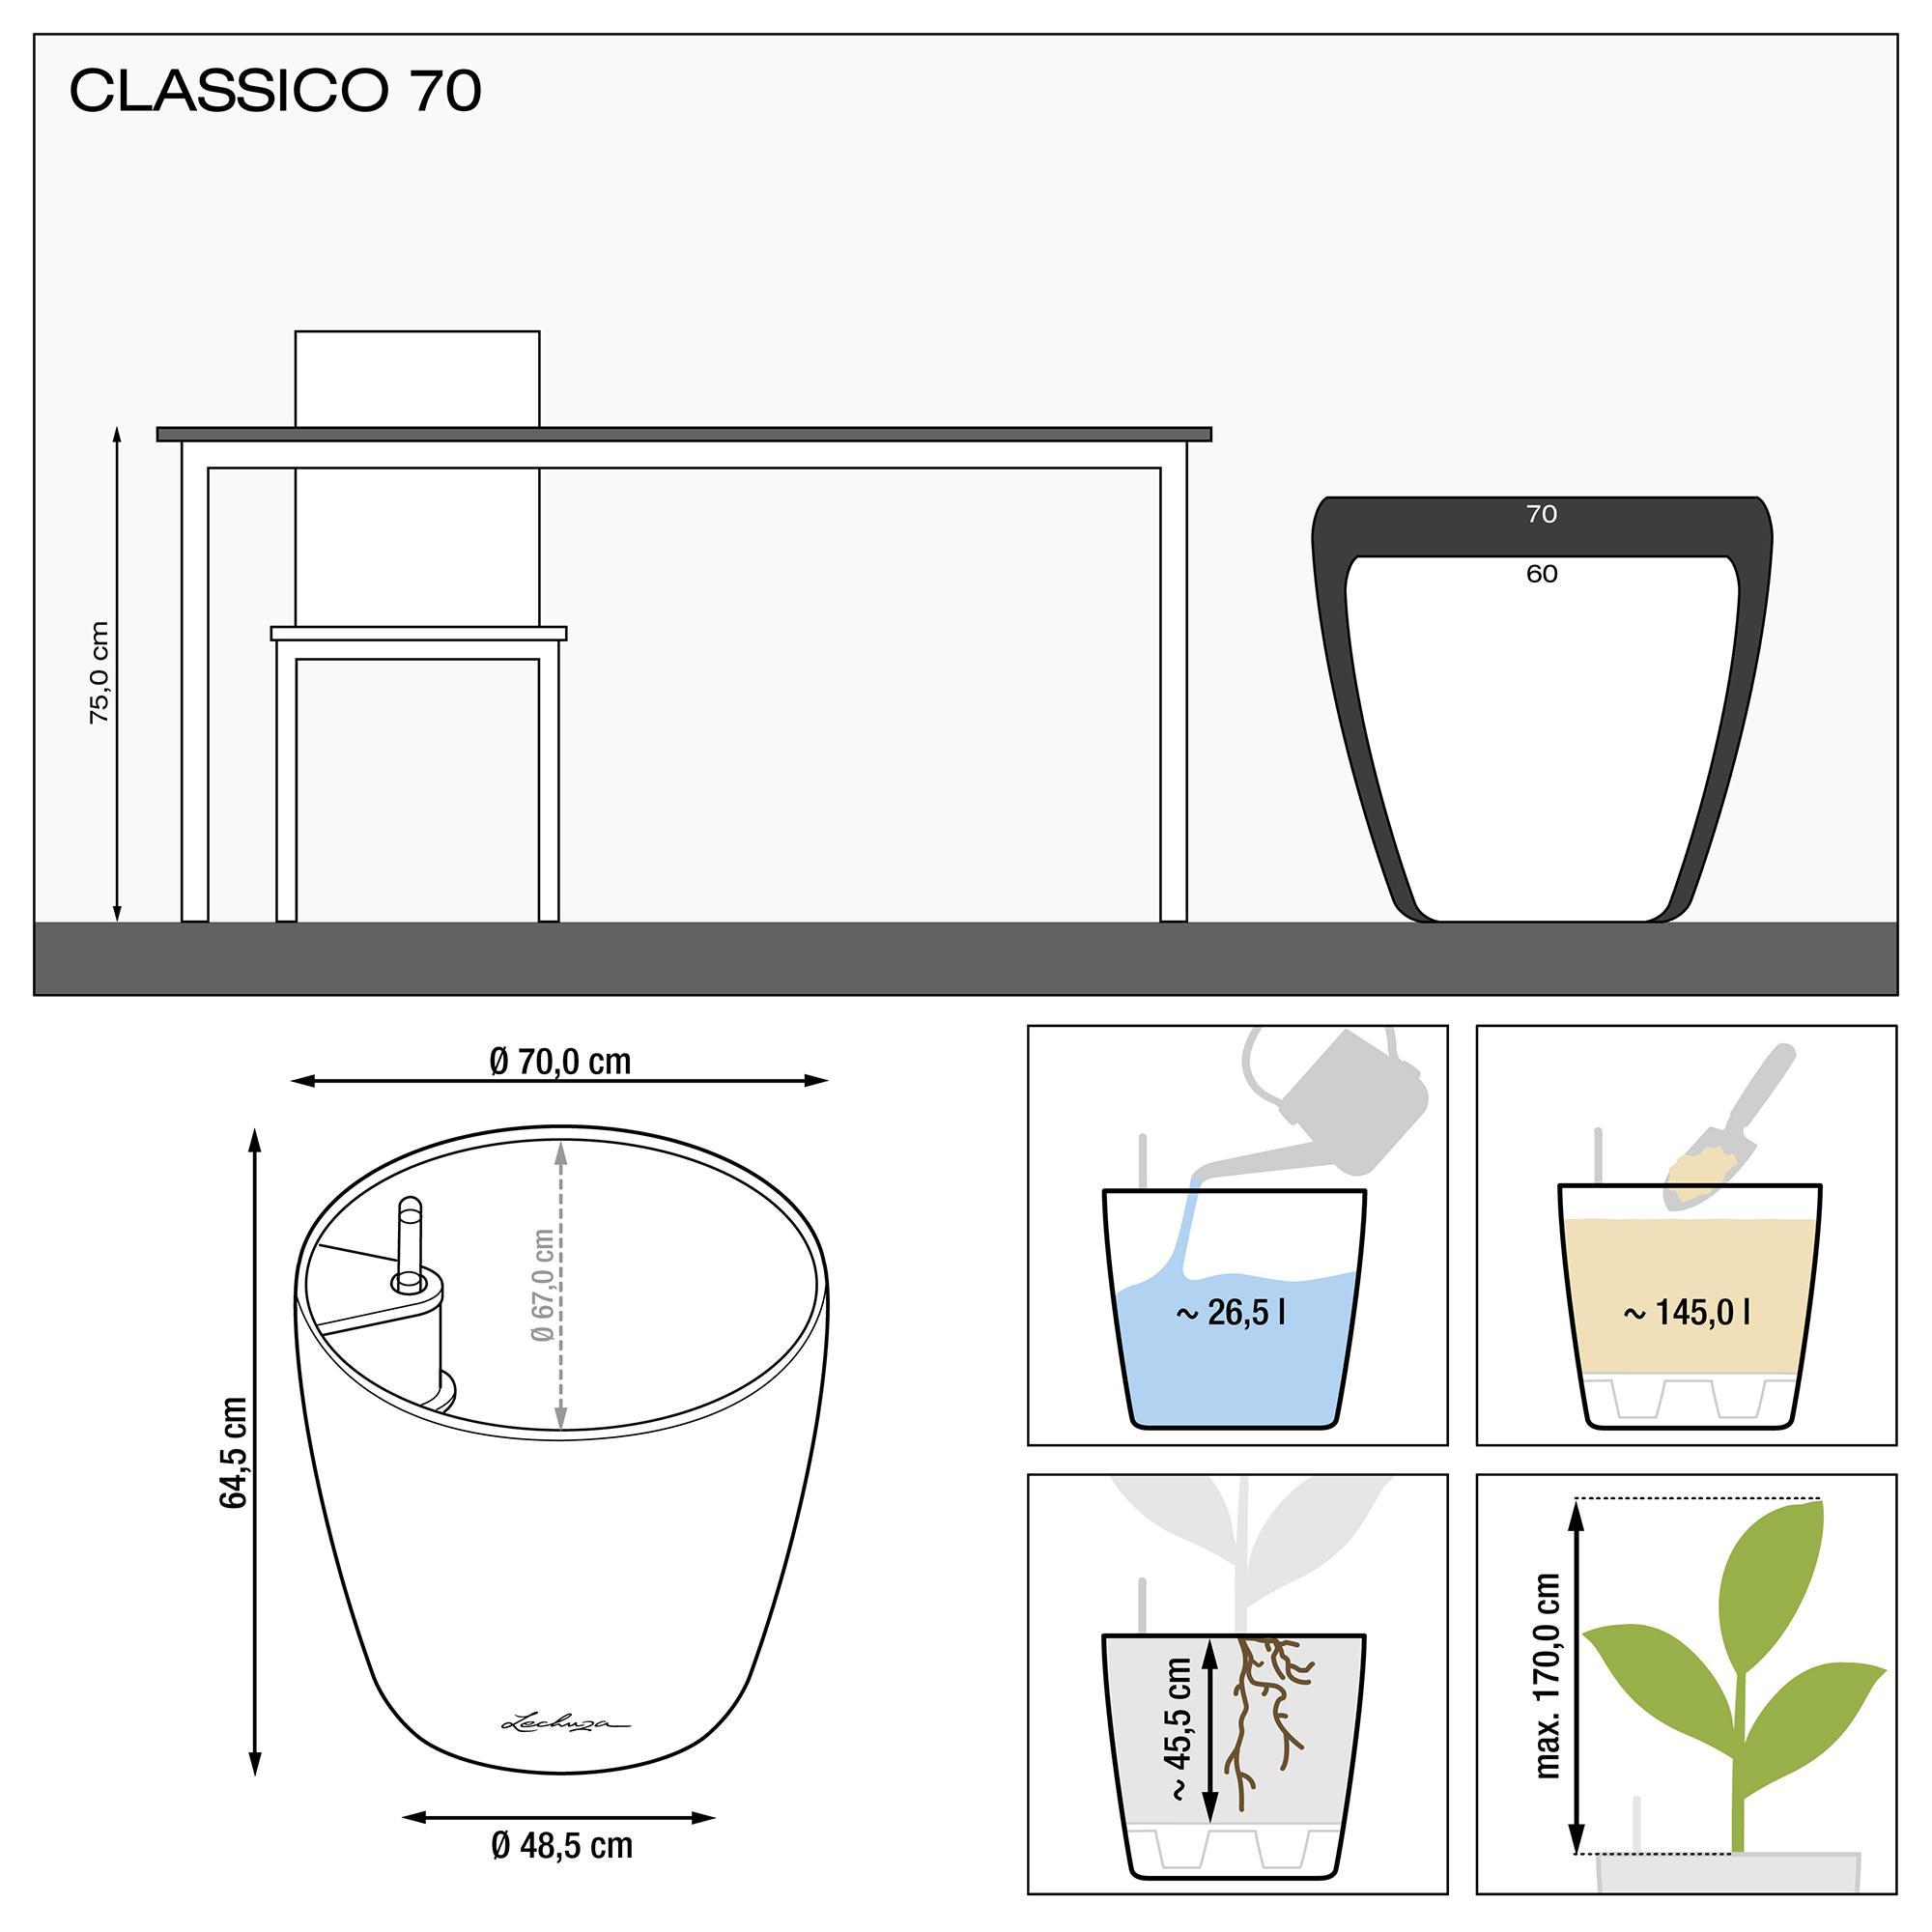 le_classico70_product_addi_nz